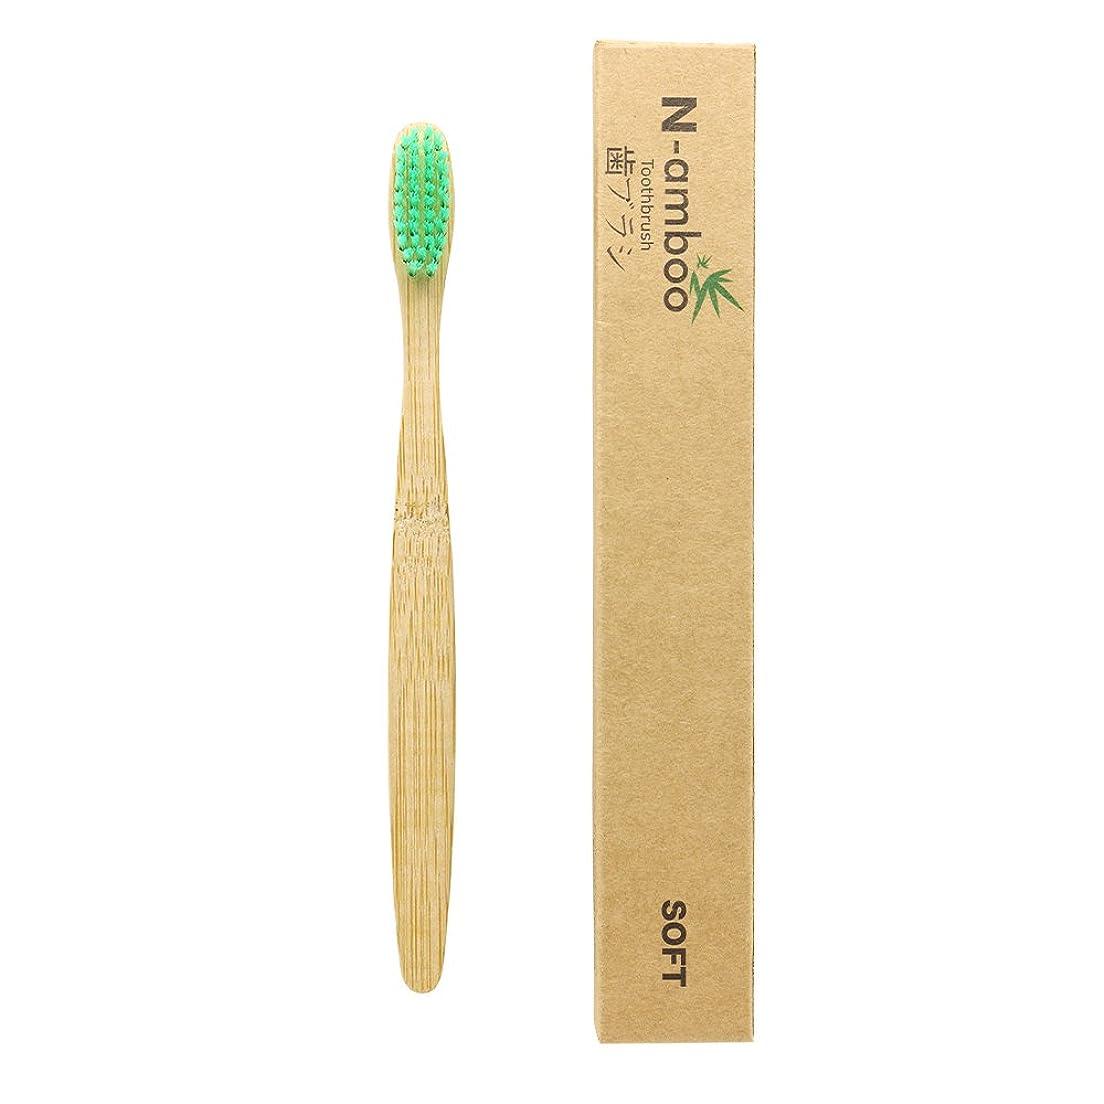 湿原著者ゆでるN-amboo 歯ブラシ 1本入り 竹製 高耐久性 緑 エコ